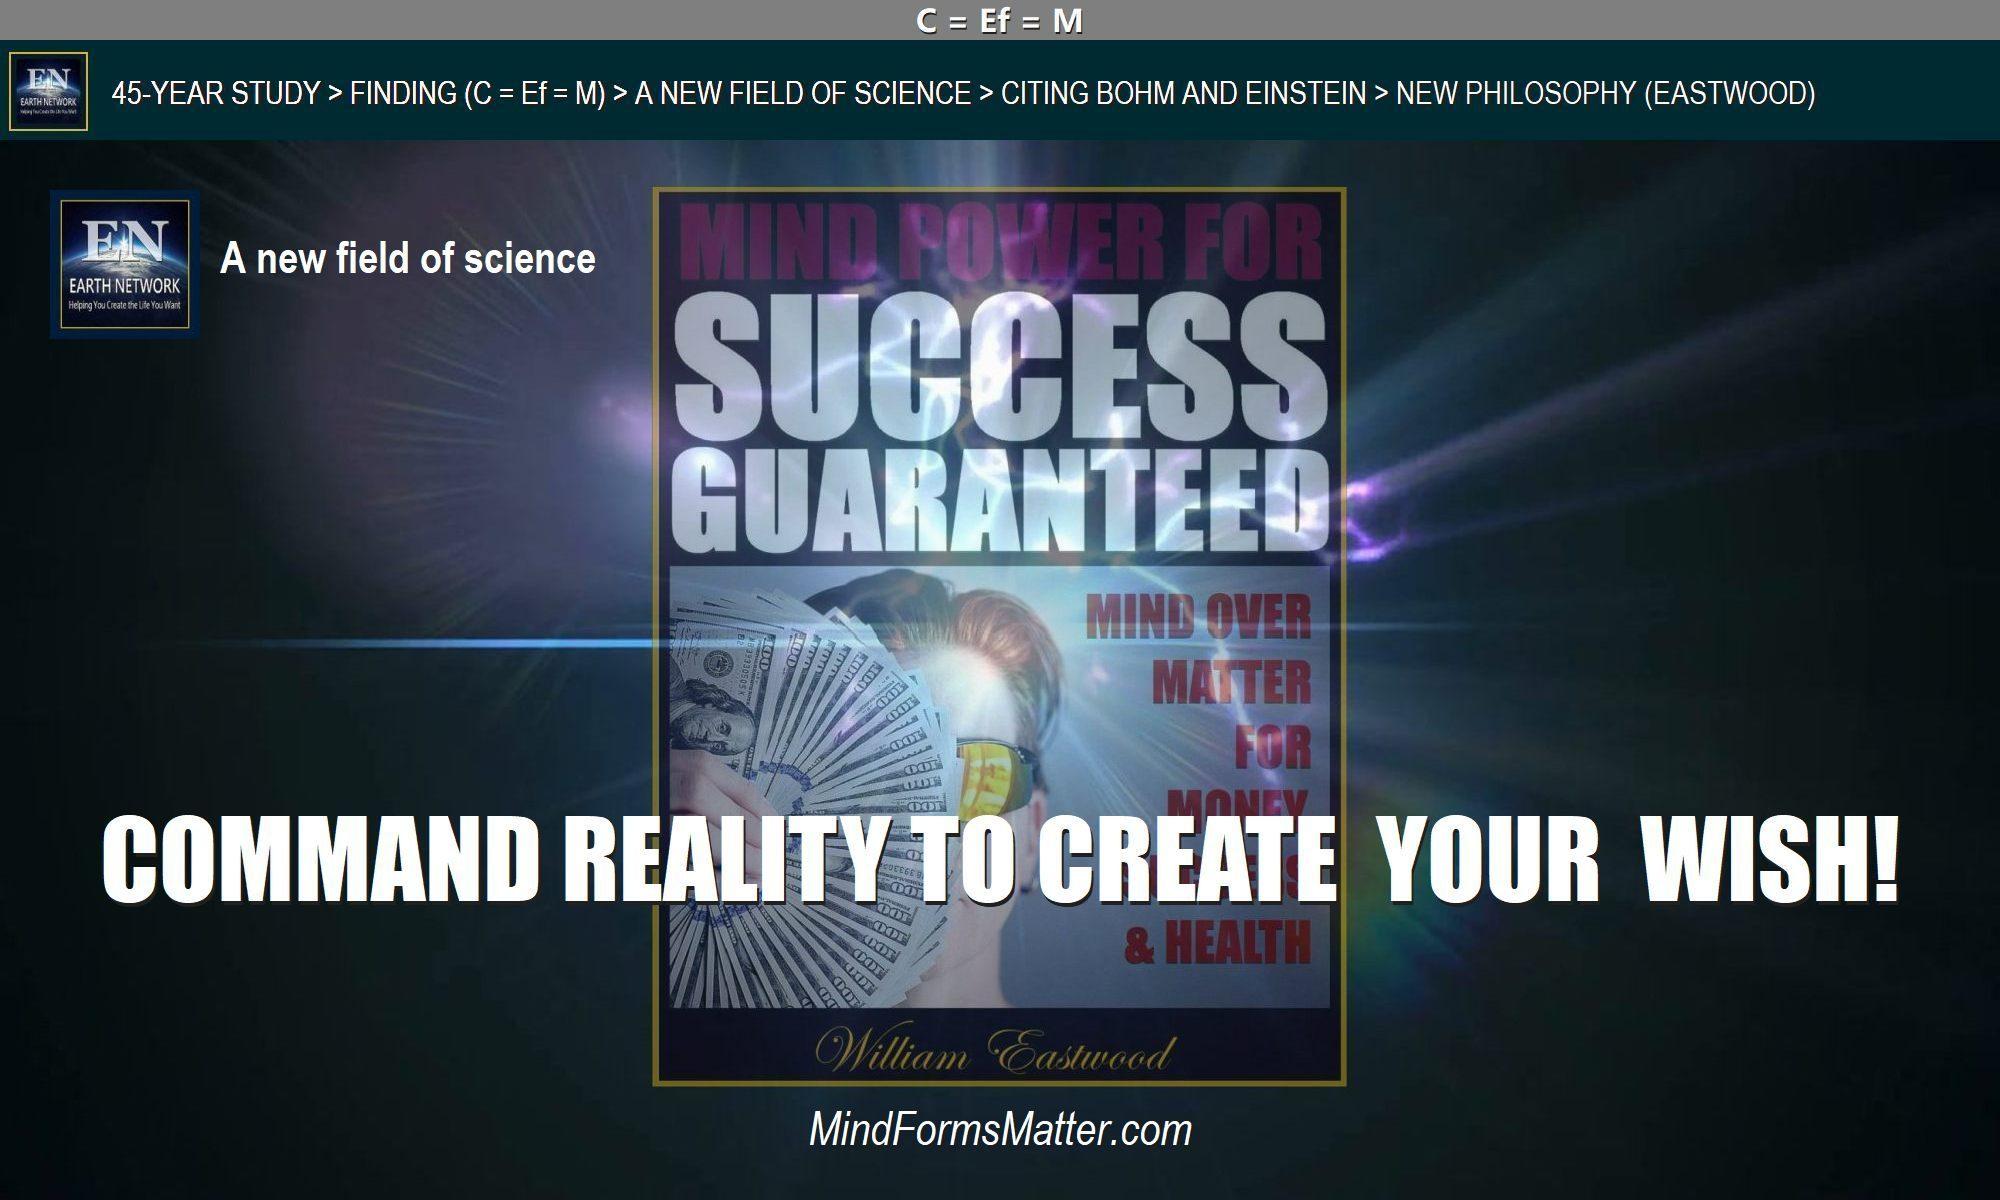 subconscious-mind-what-is-power-of-subconscious-mind-metaphysics-inner-mind-success-quantum-consciousness